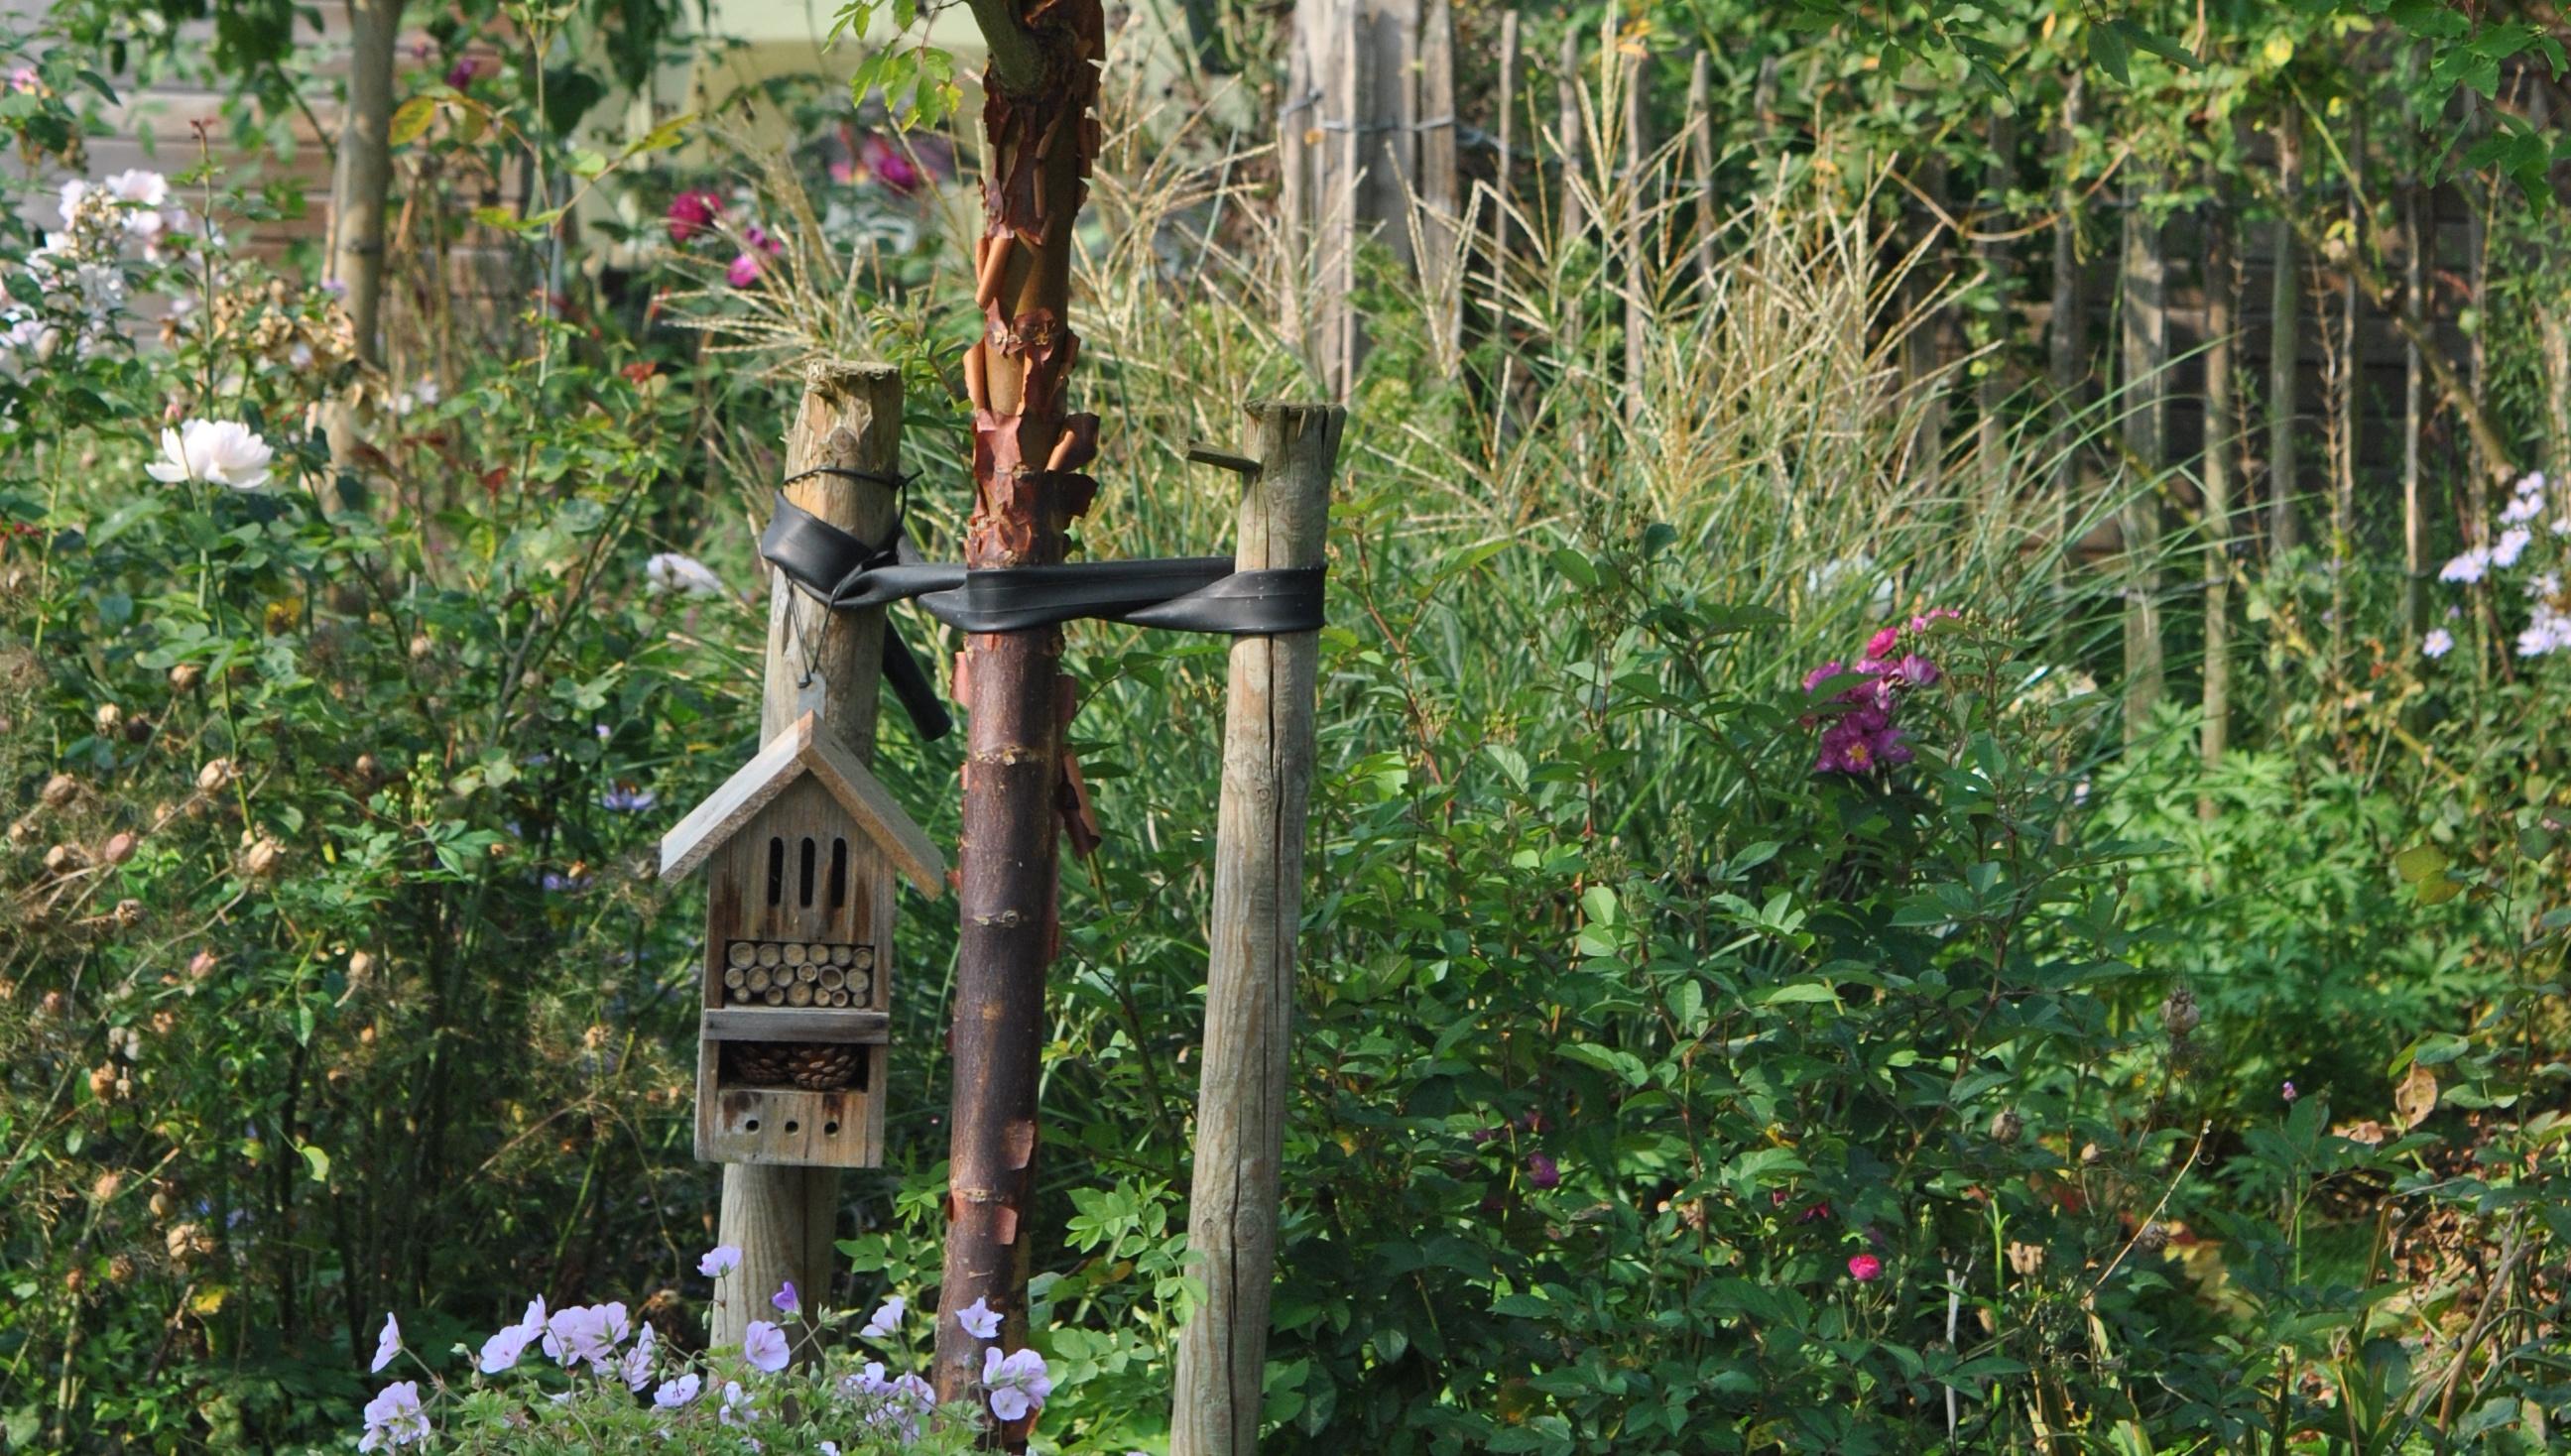 acer griseum tuteurer arbre les jardins de malorie. Black Bedroom Furniture Sets. Home Design Ideas